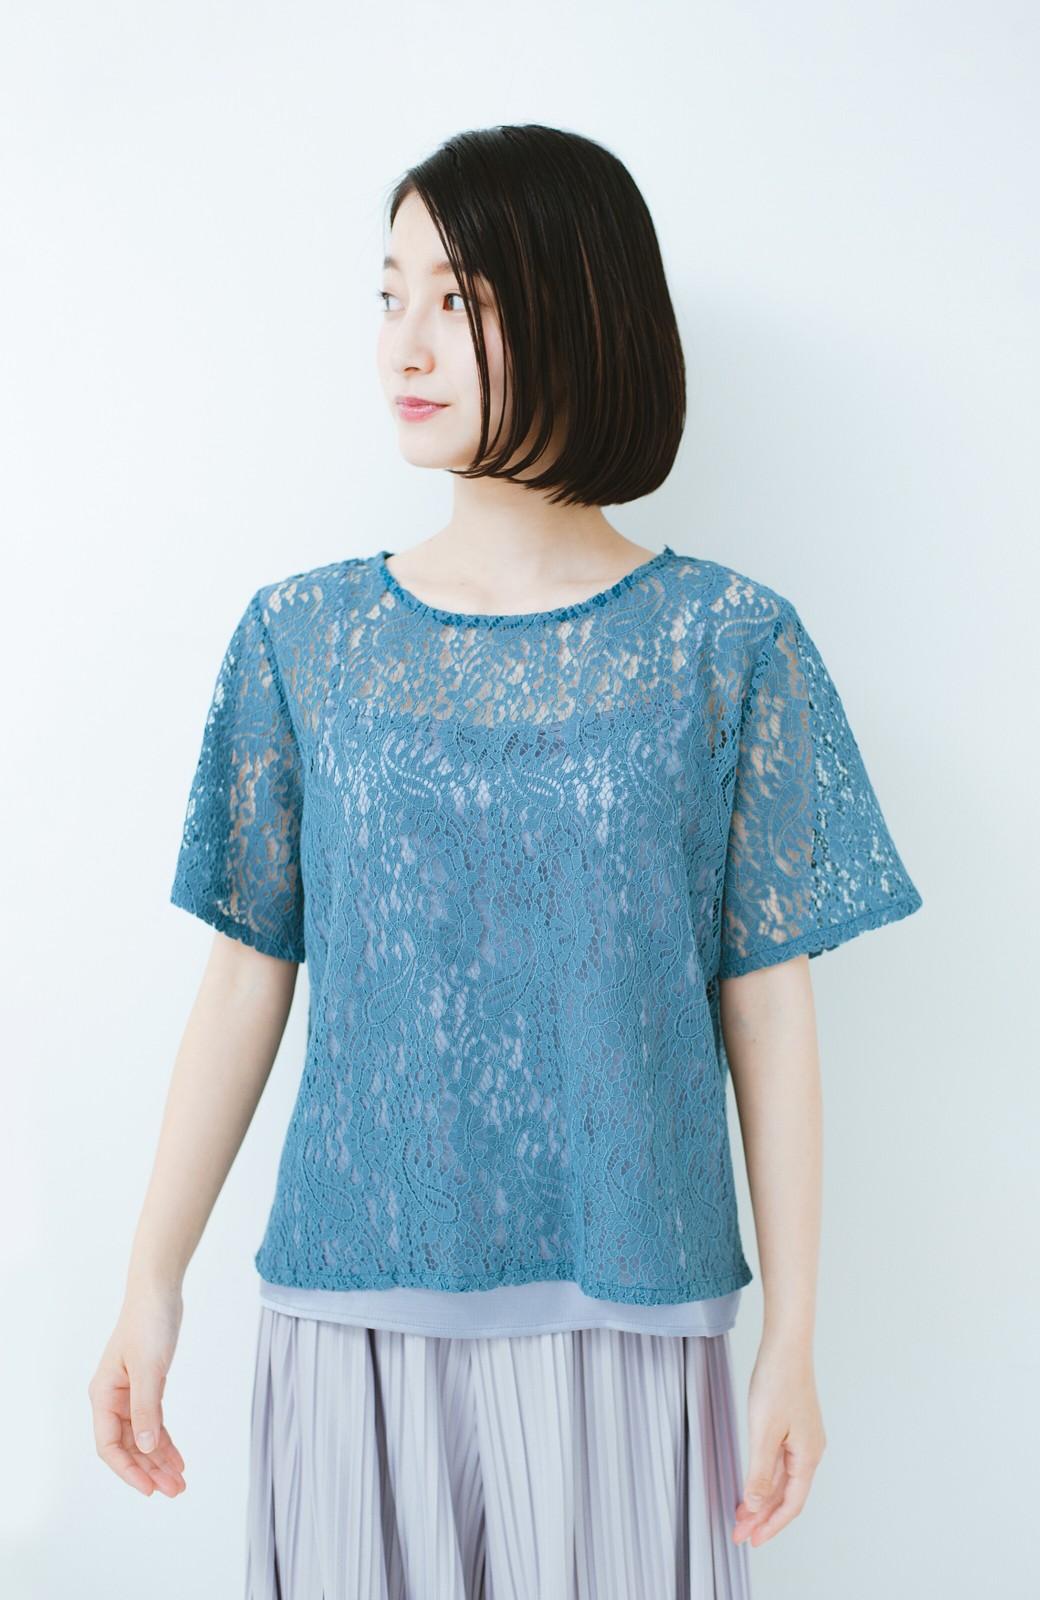 haco! いつものTシャツのかわりに着たい レースTブラウスとキャミソールセット <ブルー>の商品写真11